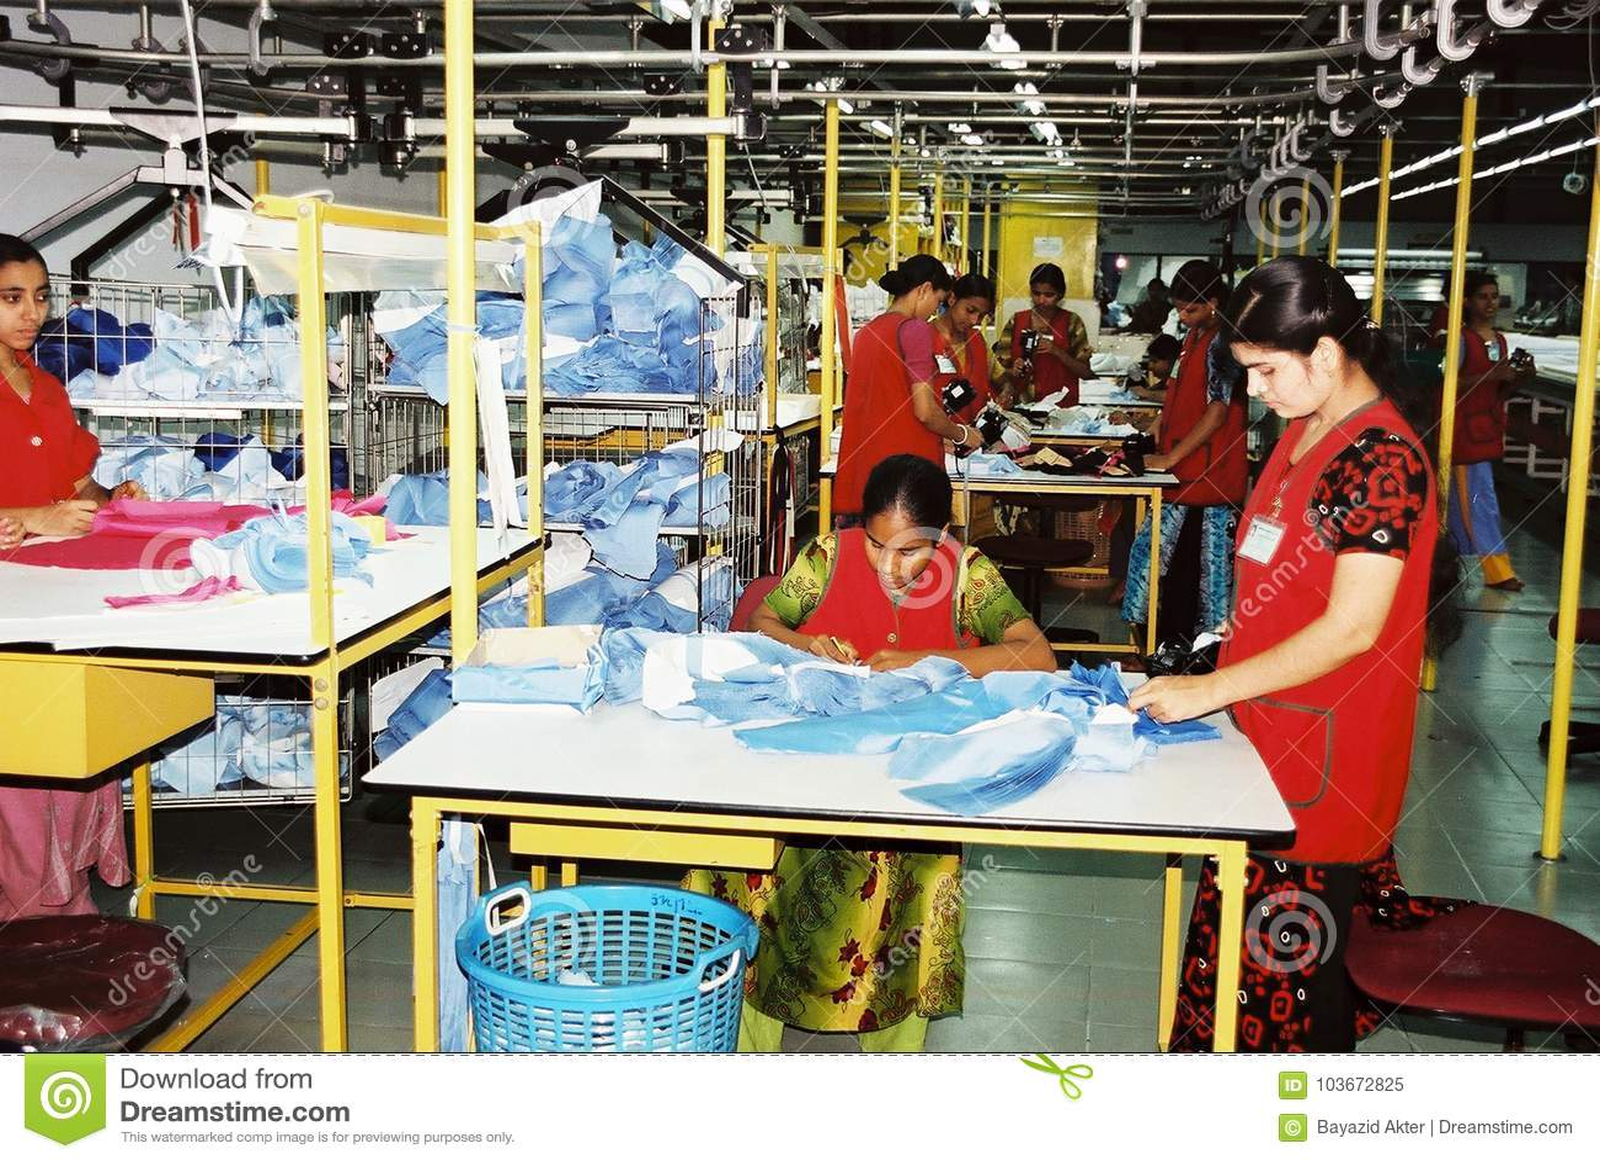 Textilindustrie in Bangladesch